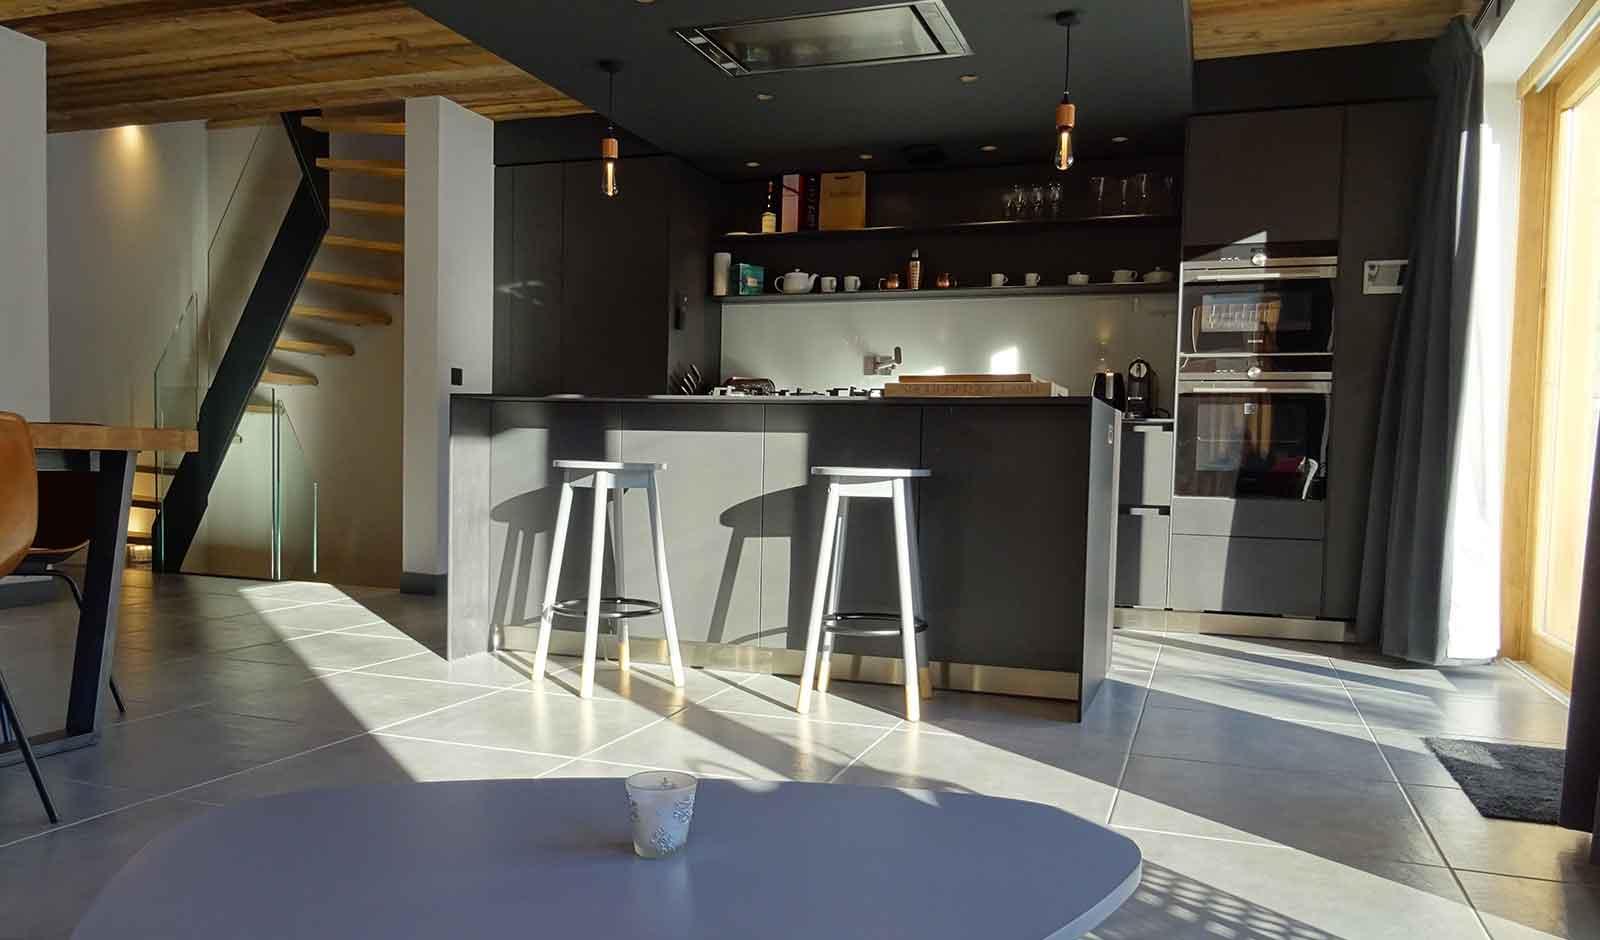 chalet-charlie-3-atelier-crea-and-co-architecte-design-project-manager-meribel-savoie